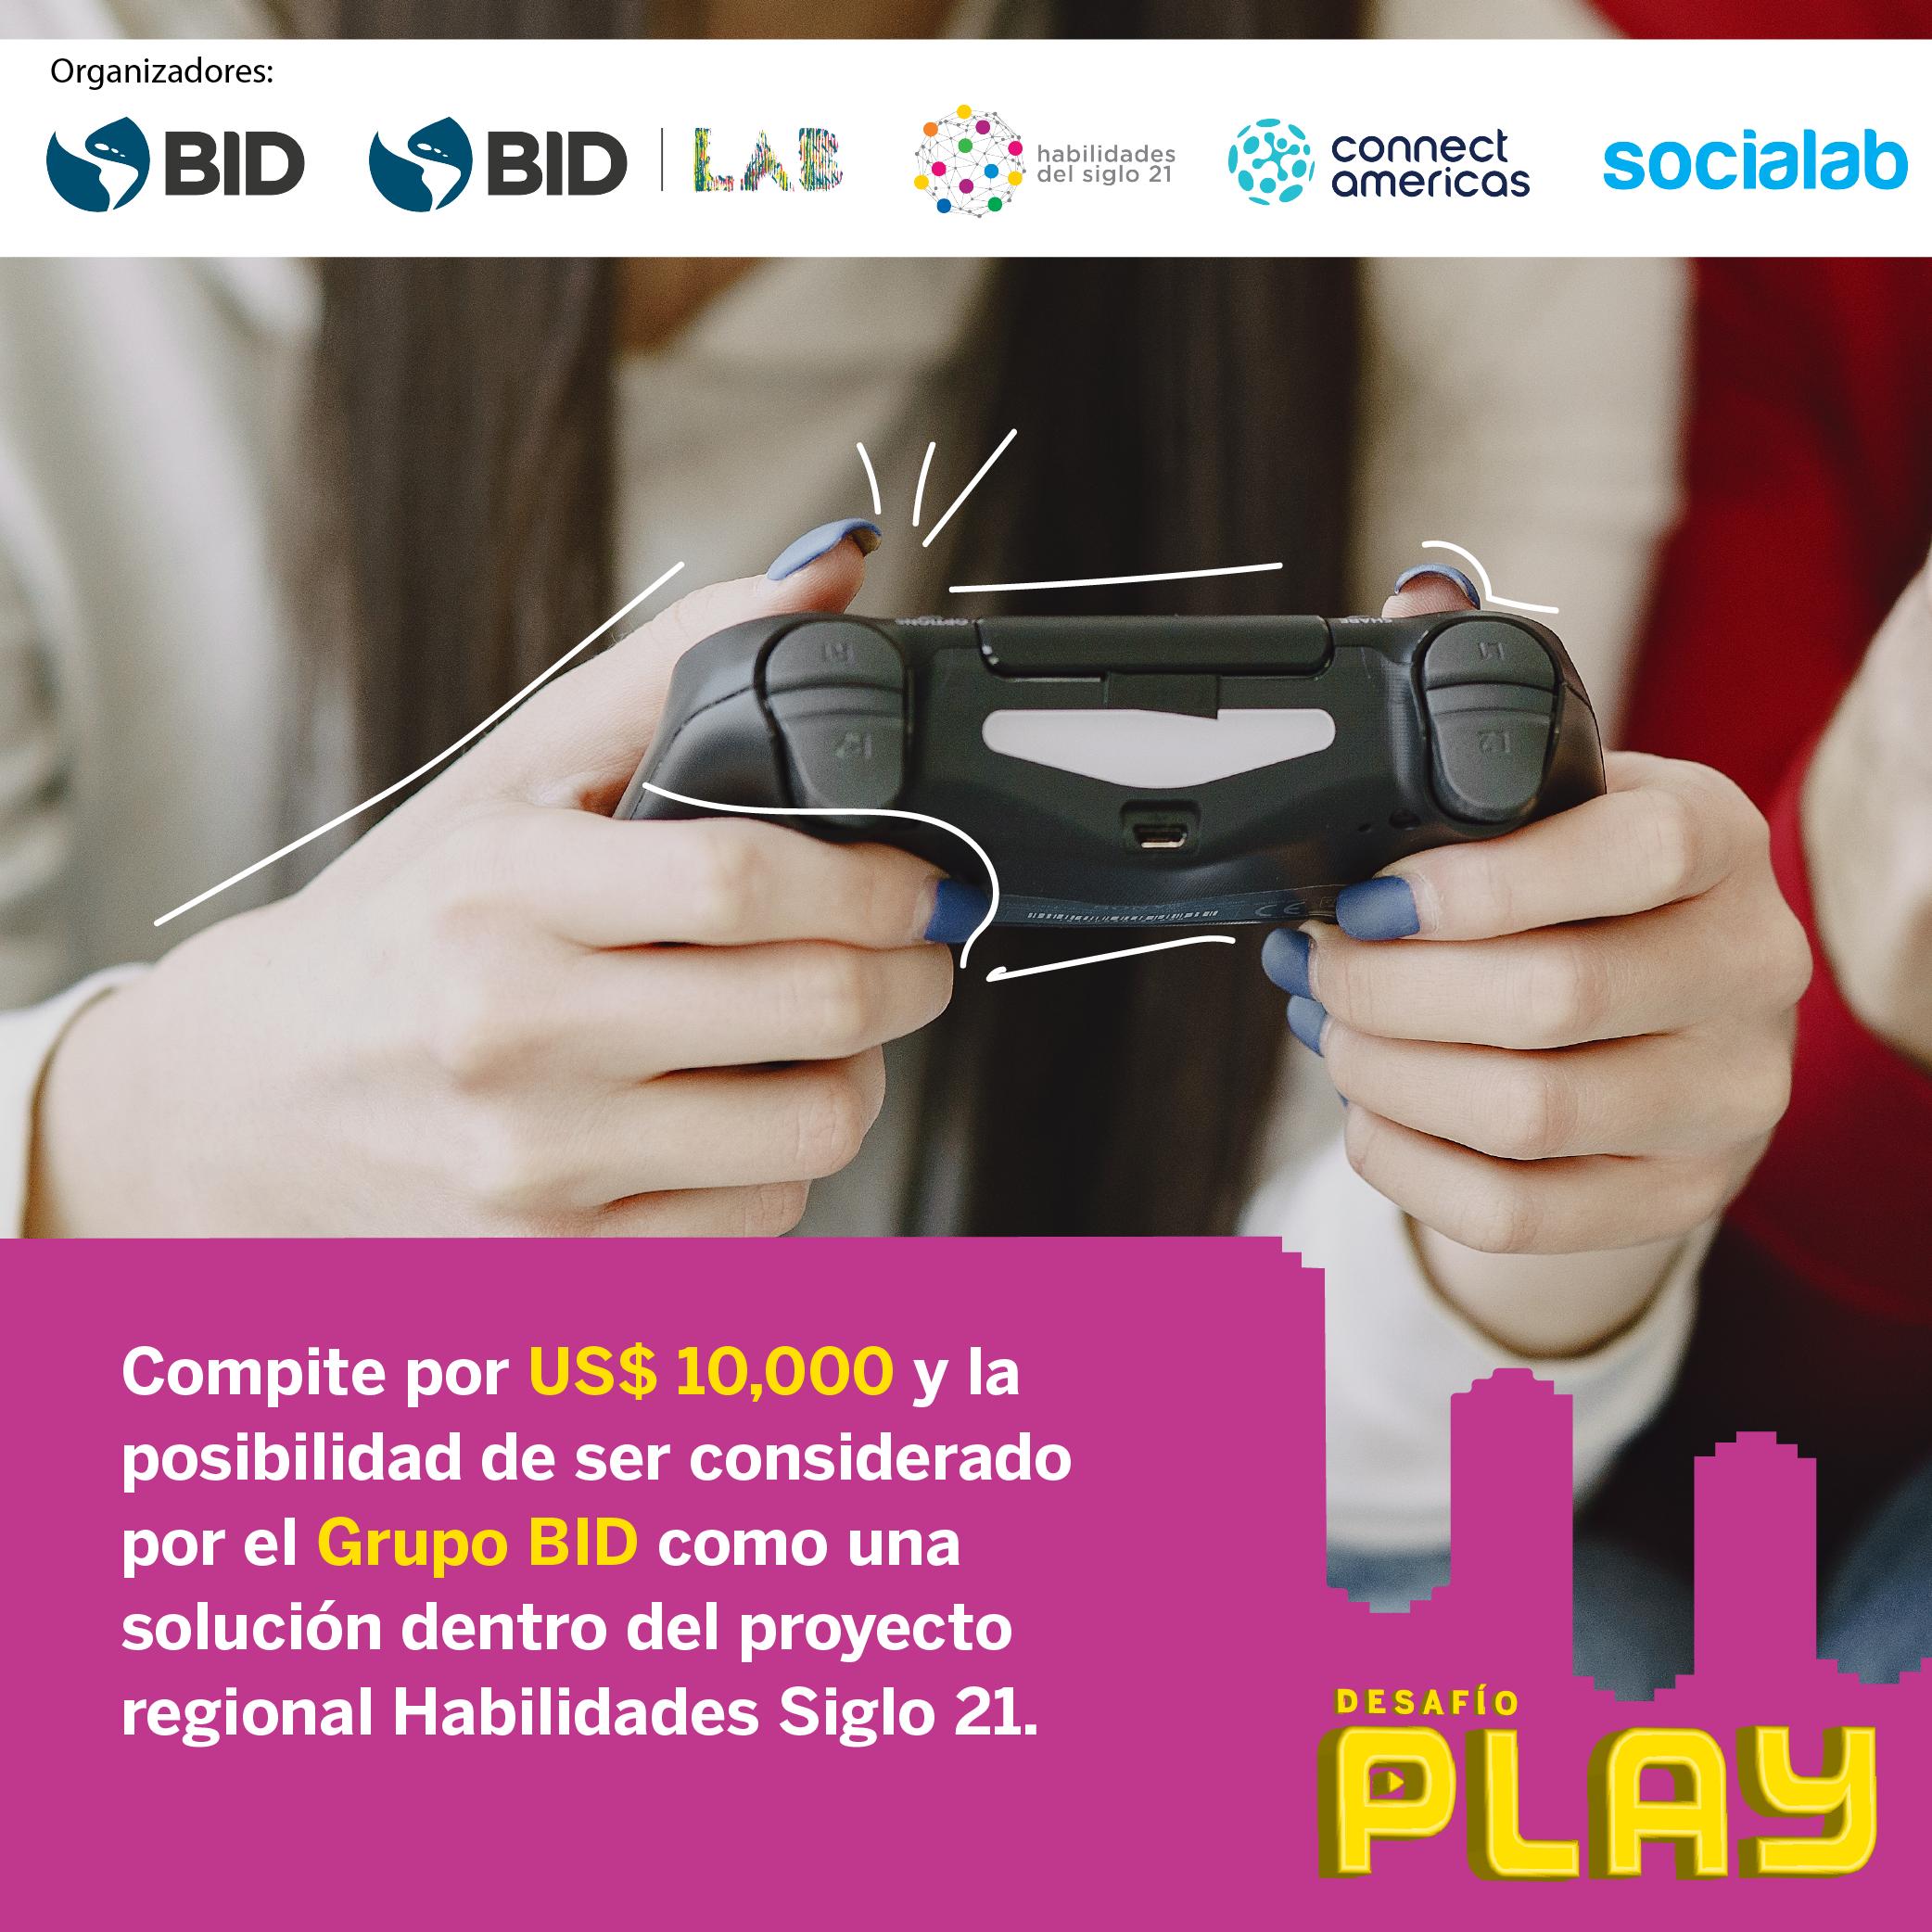 BID lanza el desafío global PLAY sobre videojuegos que están transformando la educación